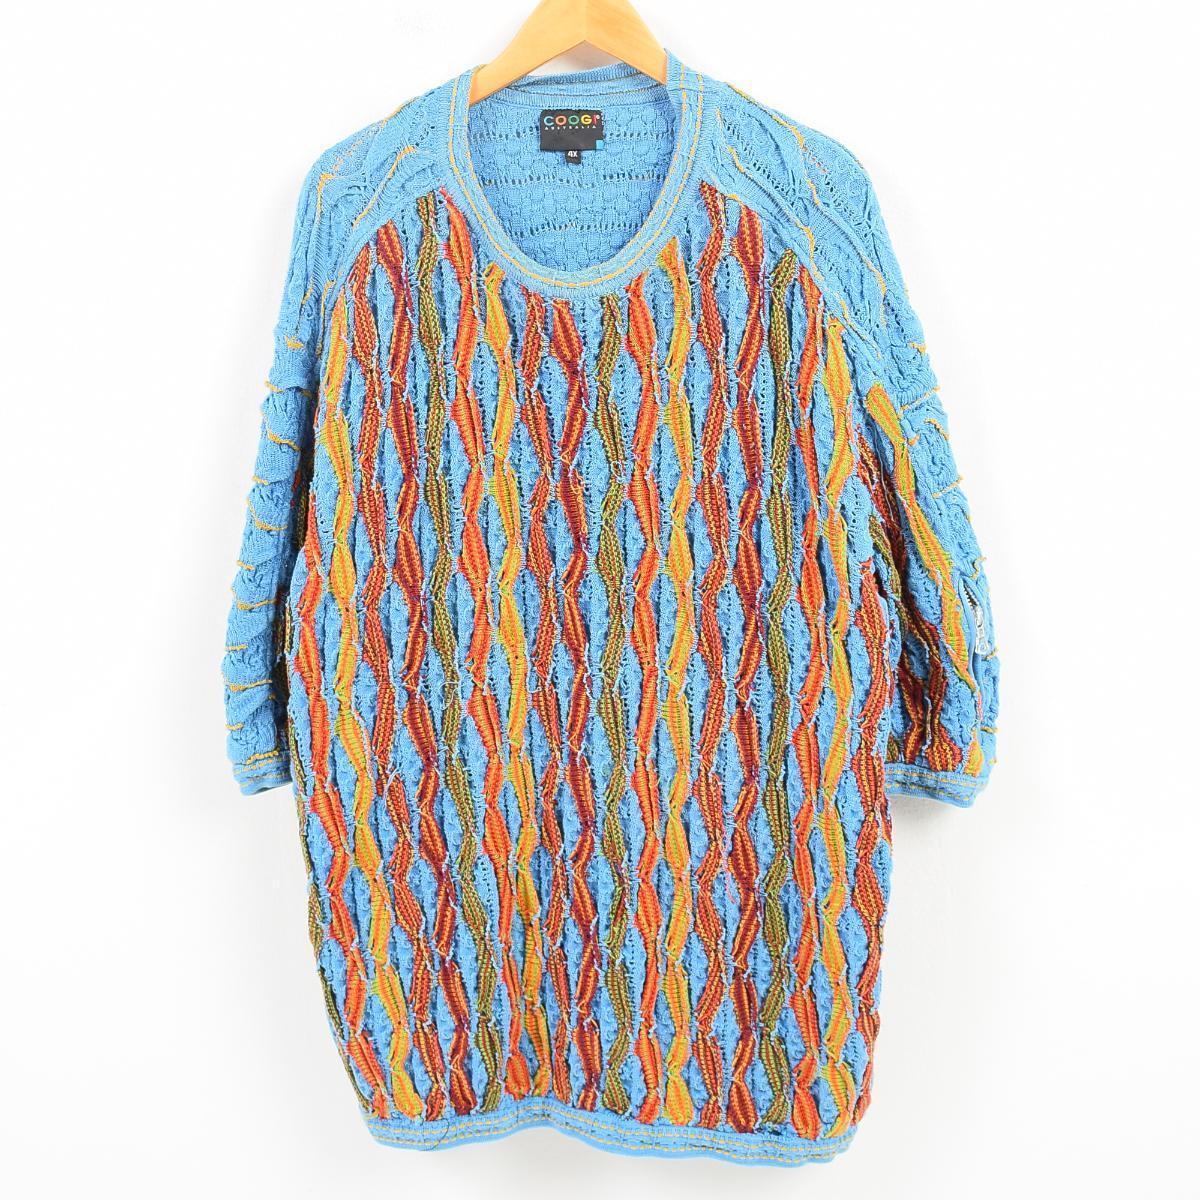 90年代 クージー COOGI 総柄 半袖 コットンニットセーター オーストラリア製 メンズ4XL /wak6101 【中古】 【171121】